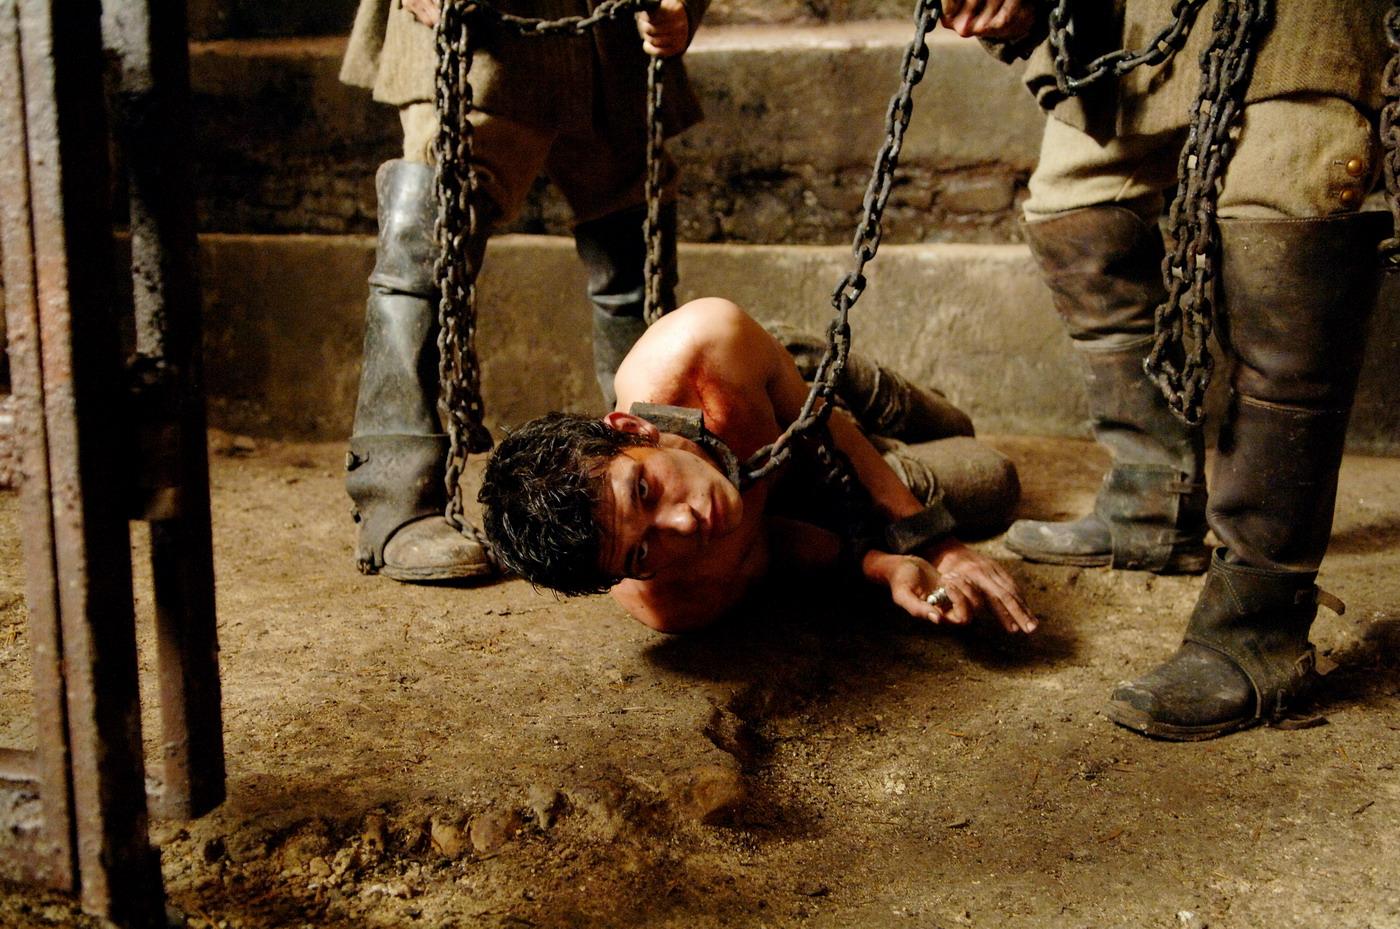 кадры из фильма Парфюмер: История одного убийцы Бен Уишоу,